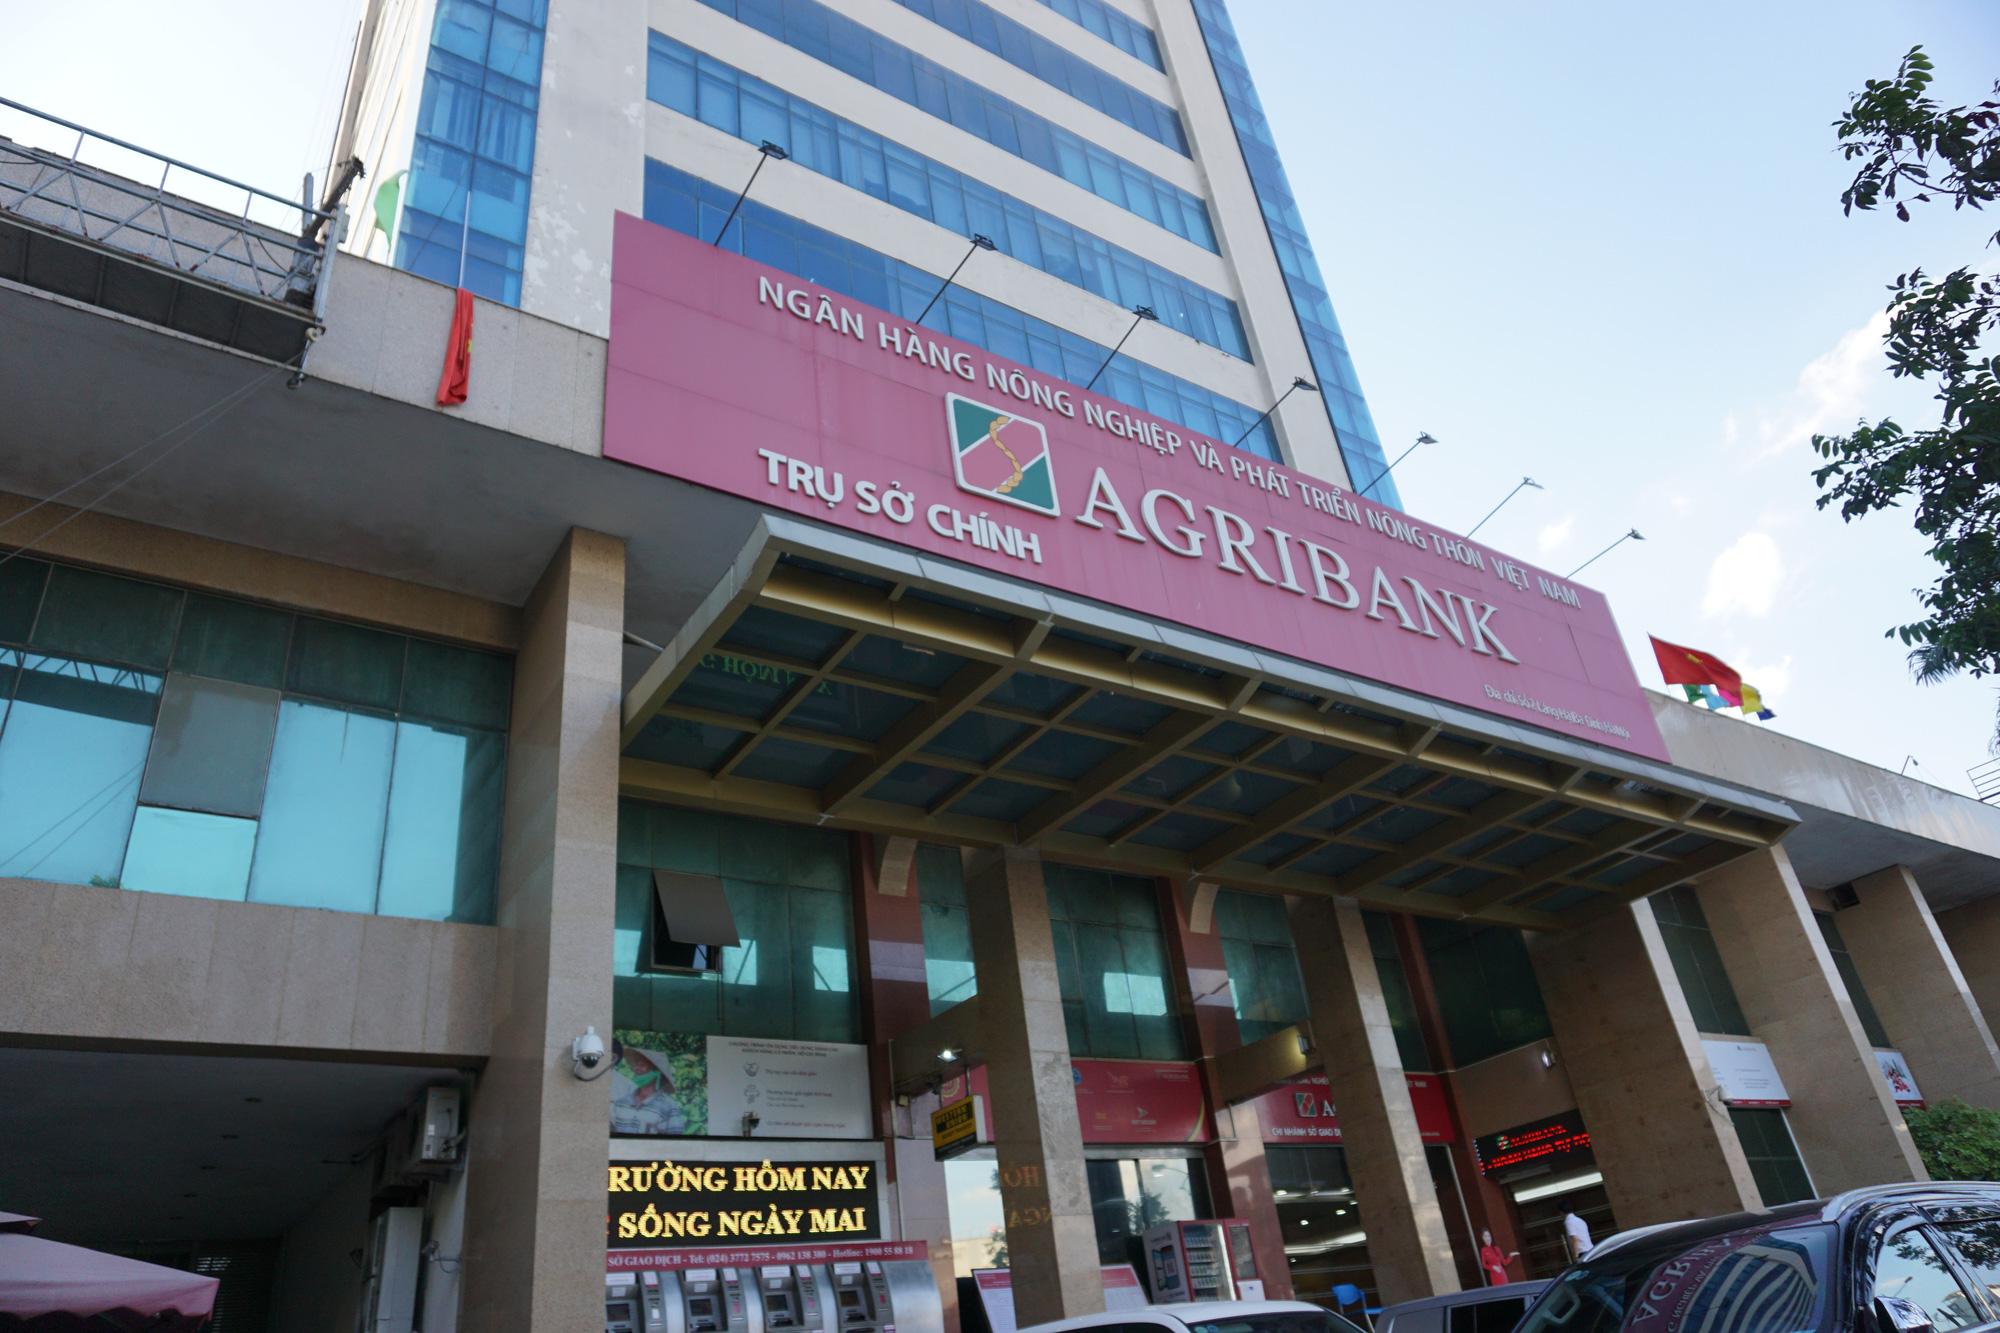 Agribank lãi gần 13.000 tỷ đồng năm 2020 - Ảnh 1.